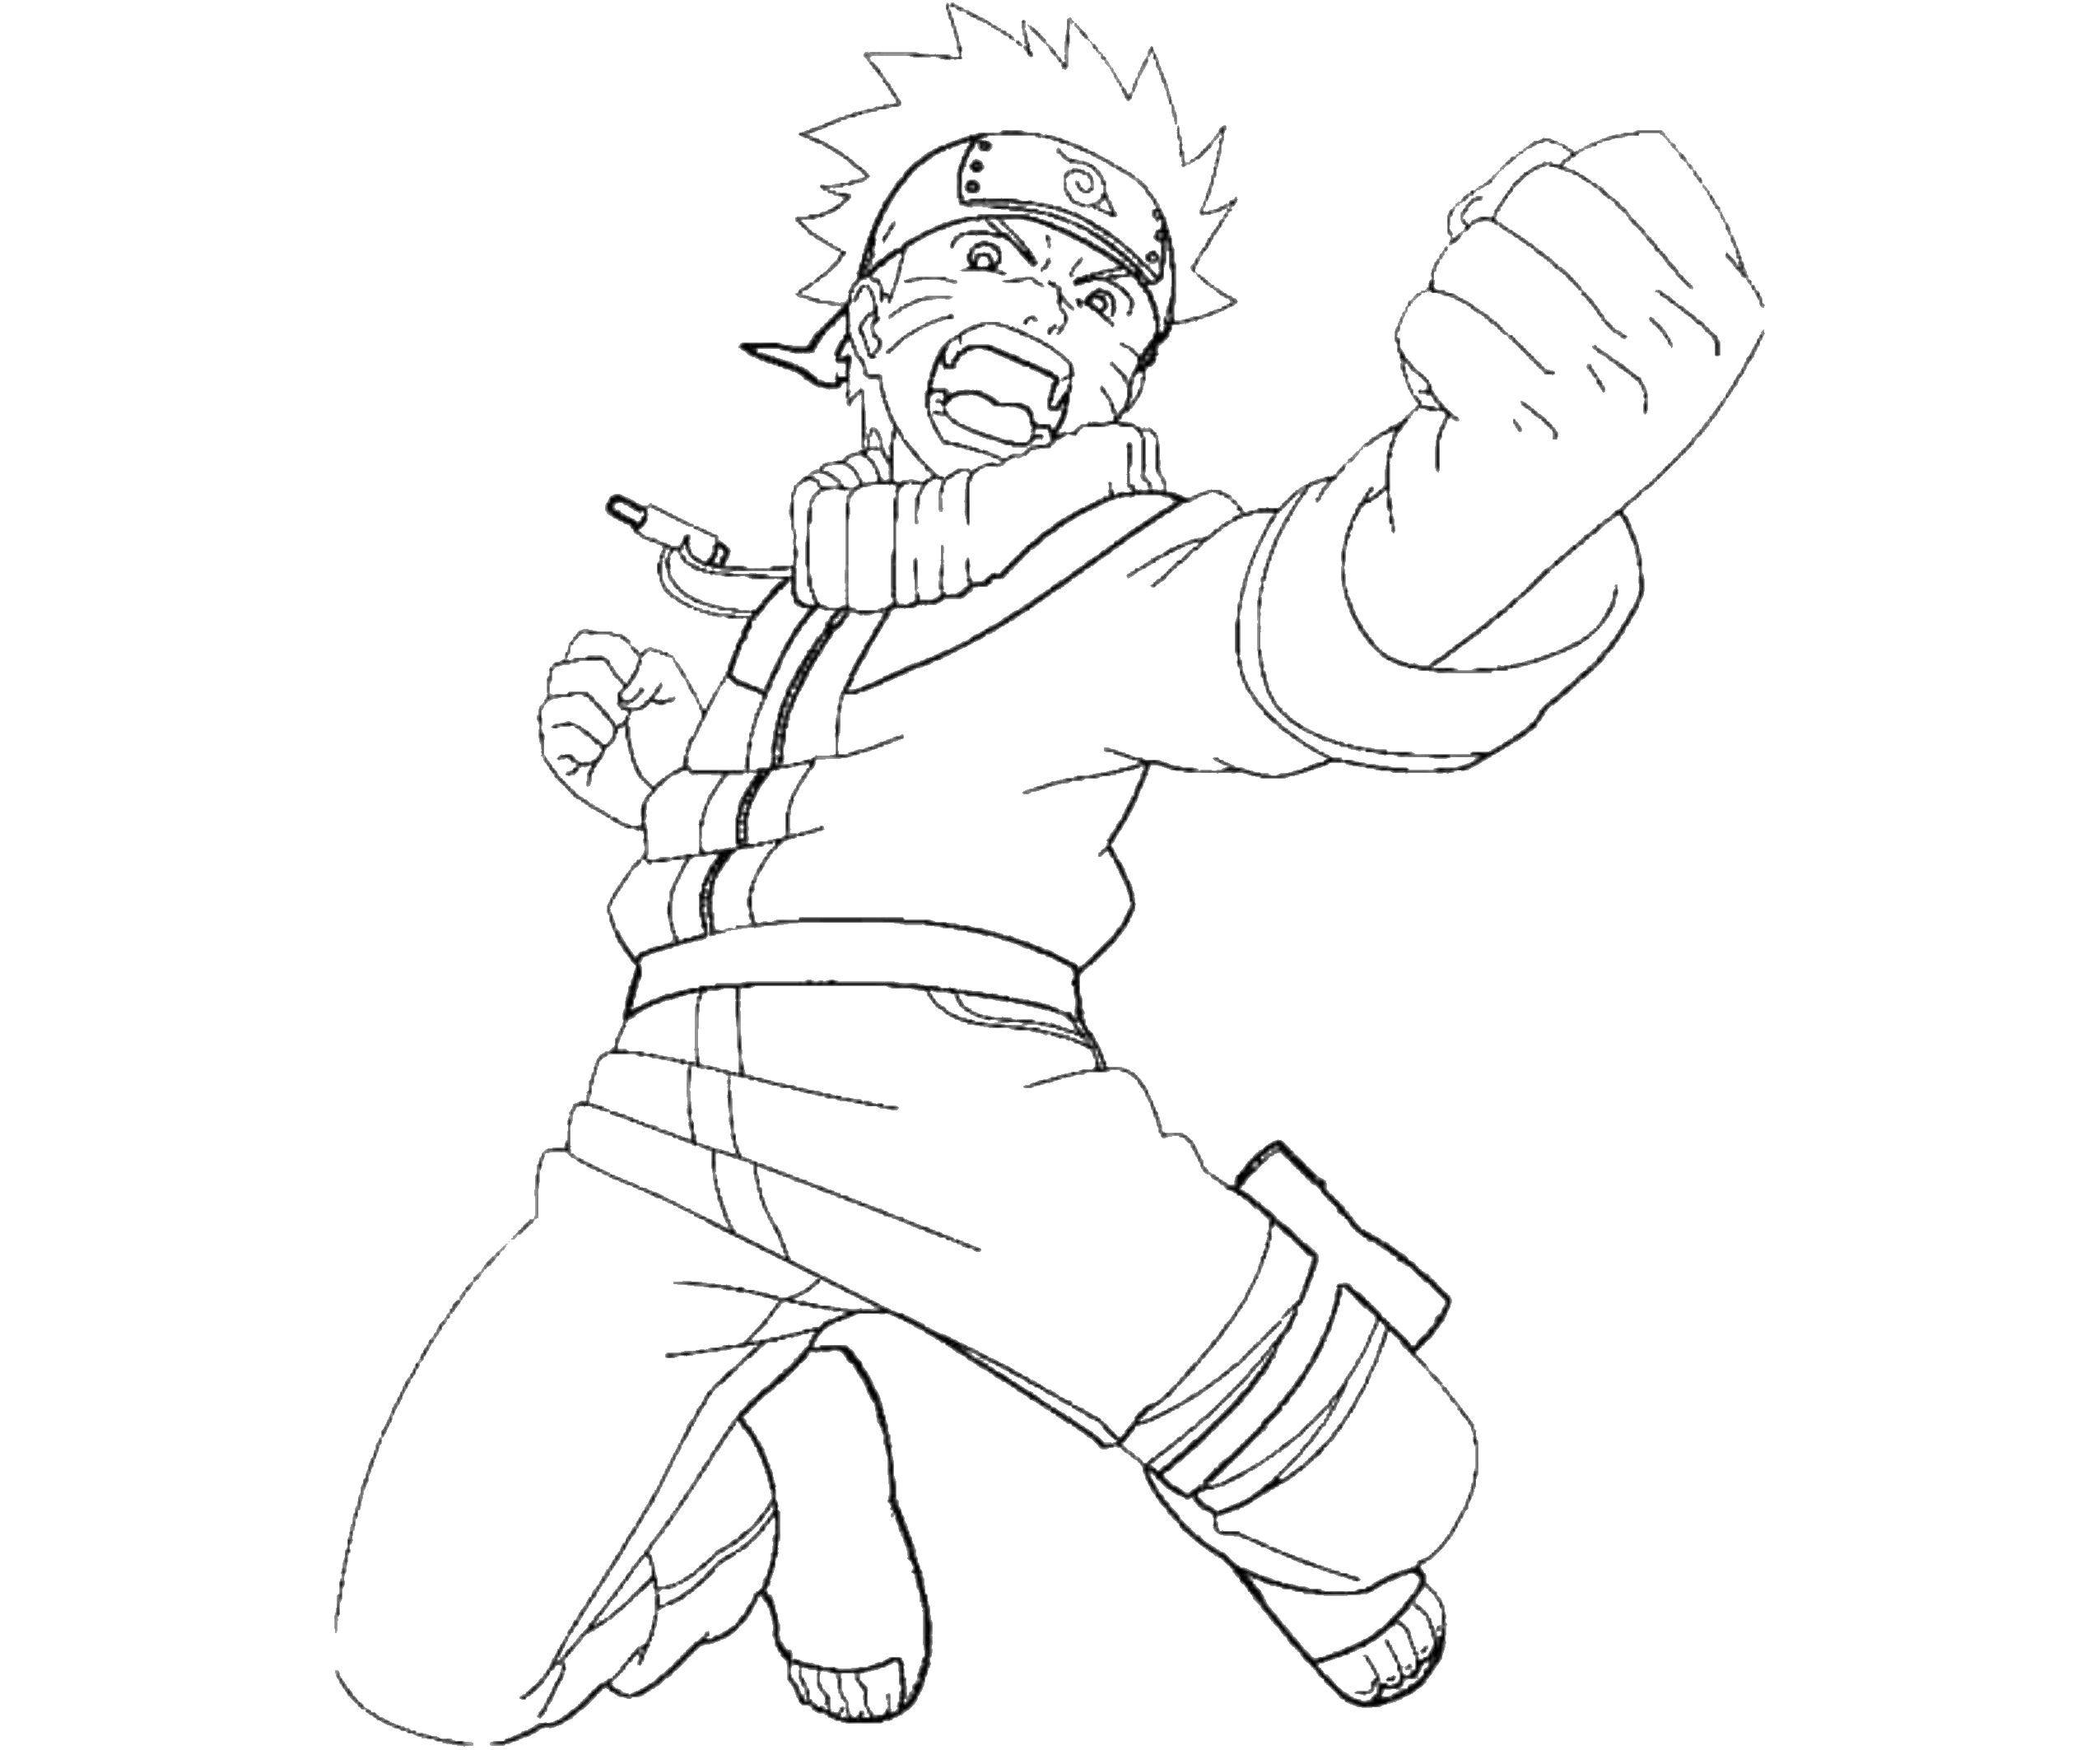 Раскраска Наруто в бою. Скачать наруто, мультфильмы, аниме.  Распечатать ,Наруто,